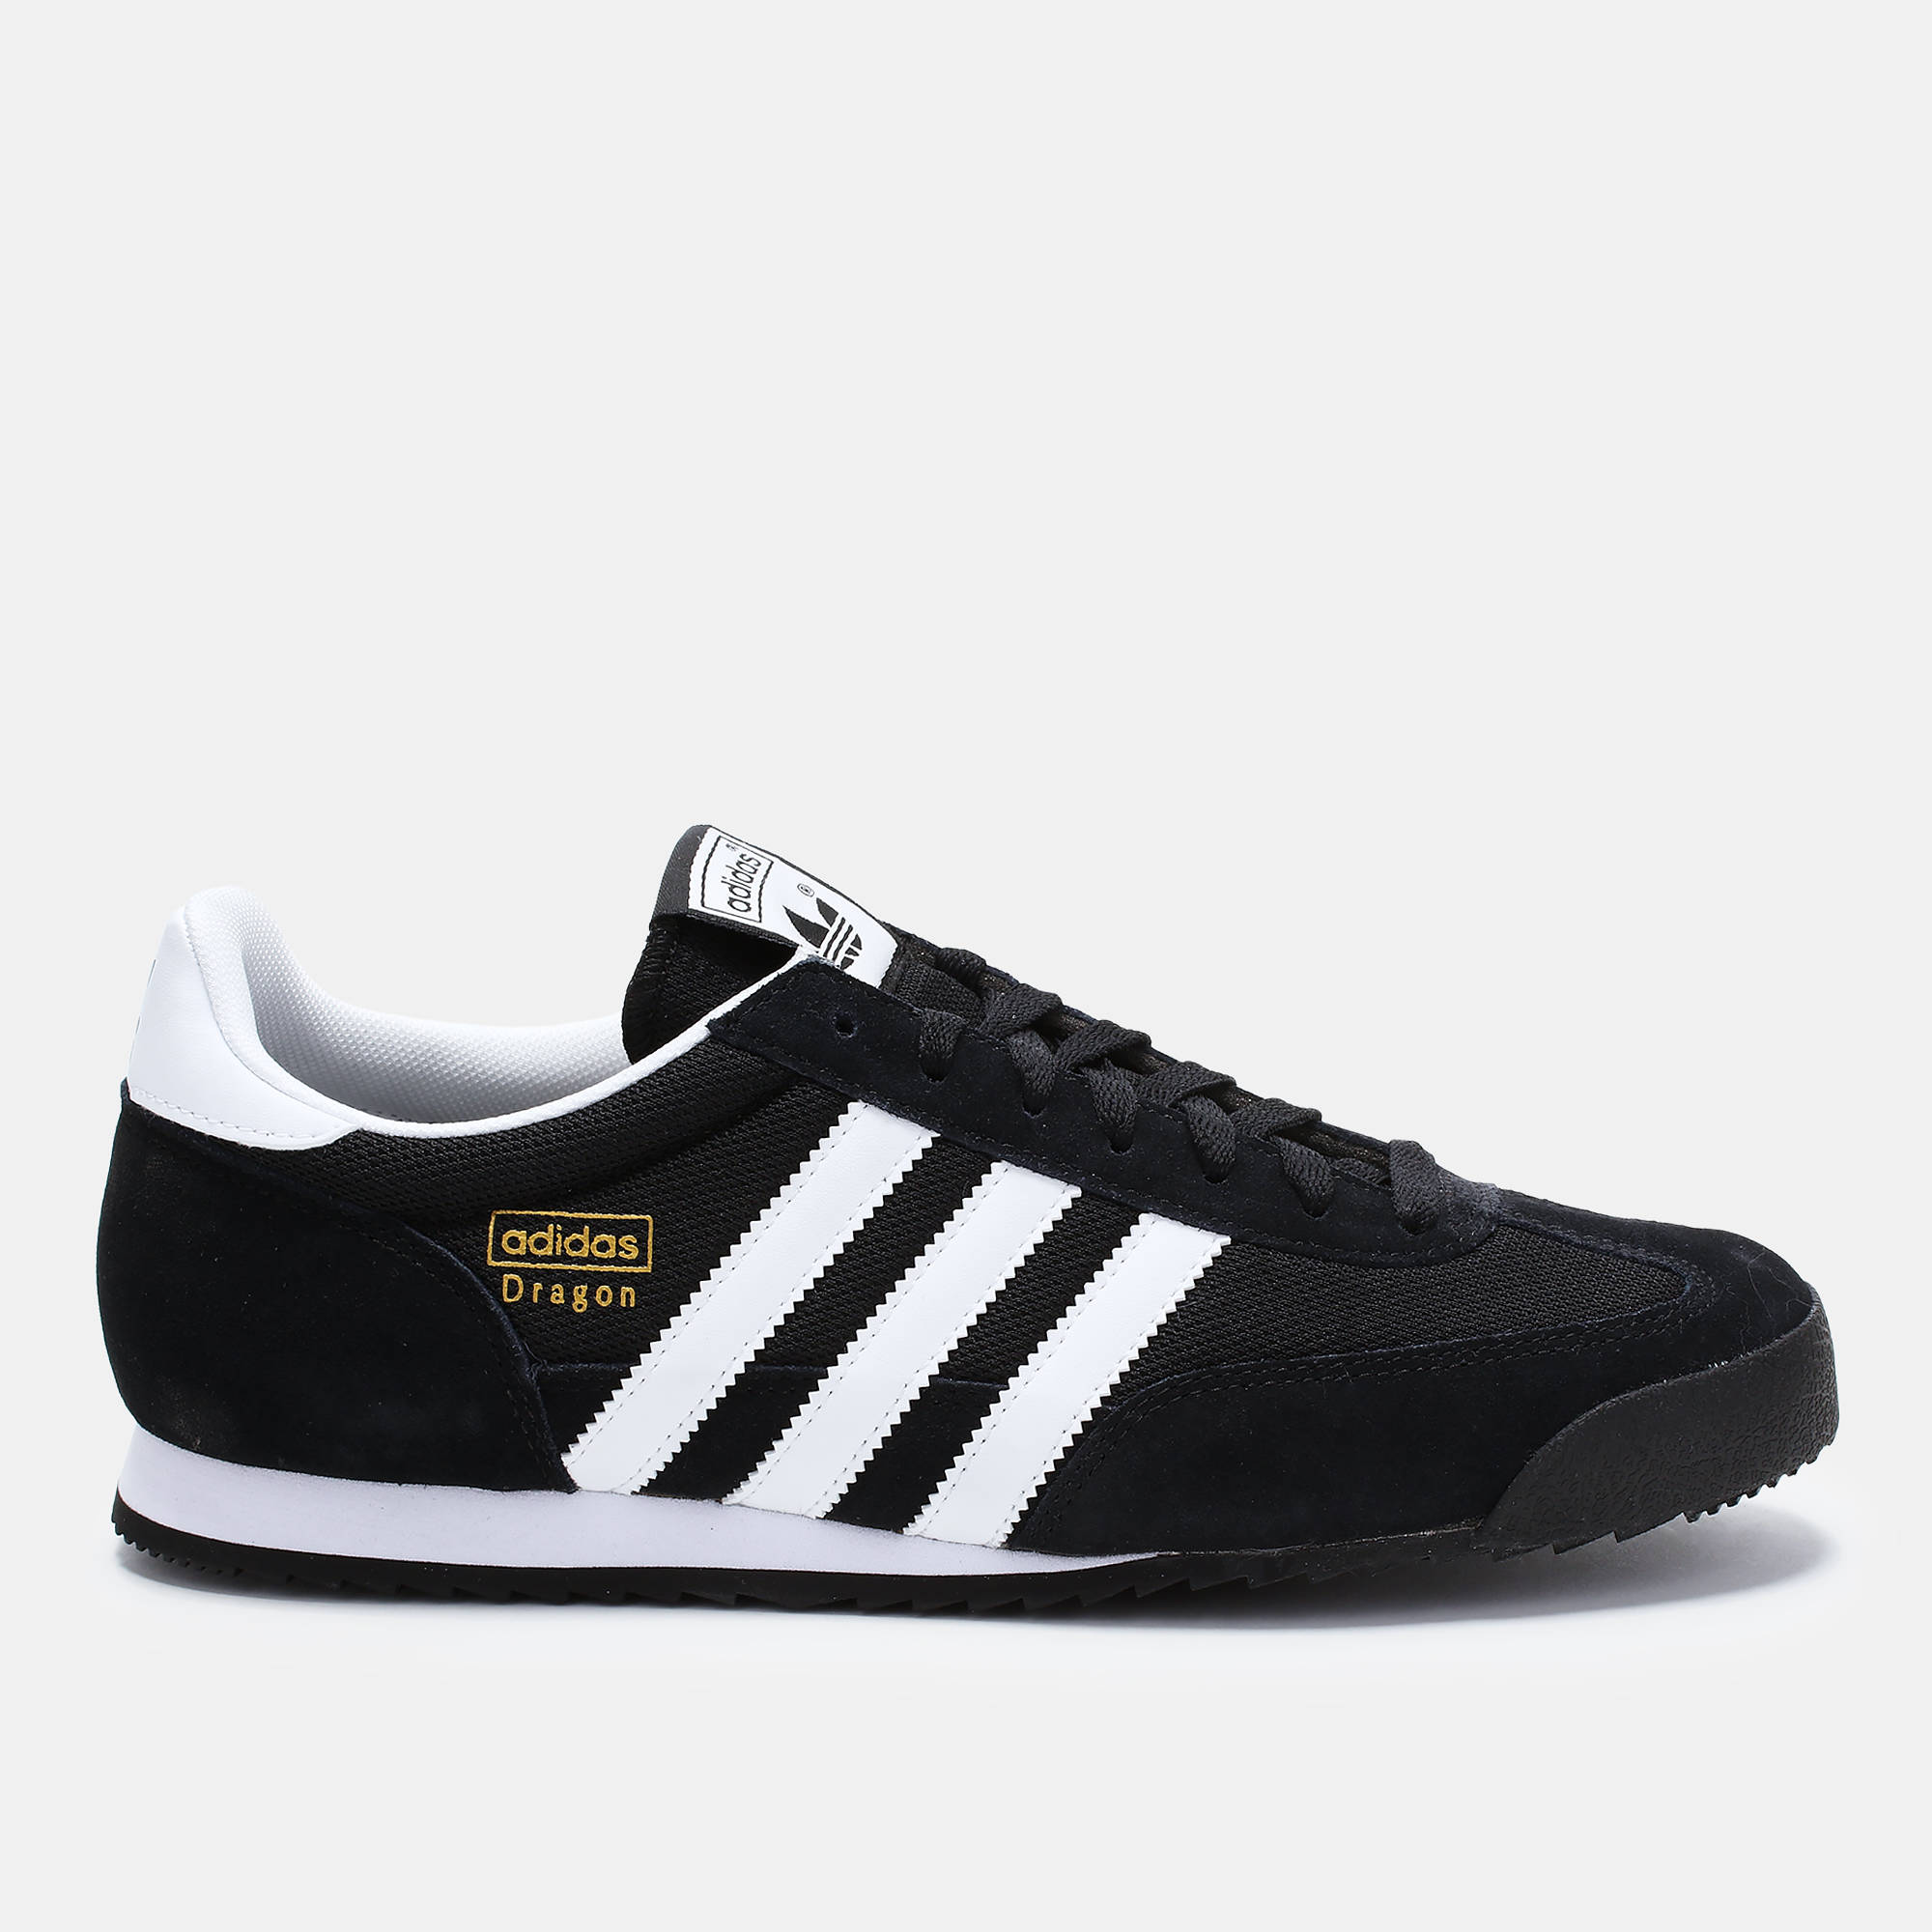 Shop Black adidas Dragon Shoe for Mens by adidas Originals | SSS